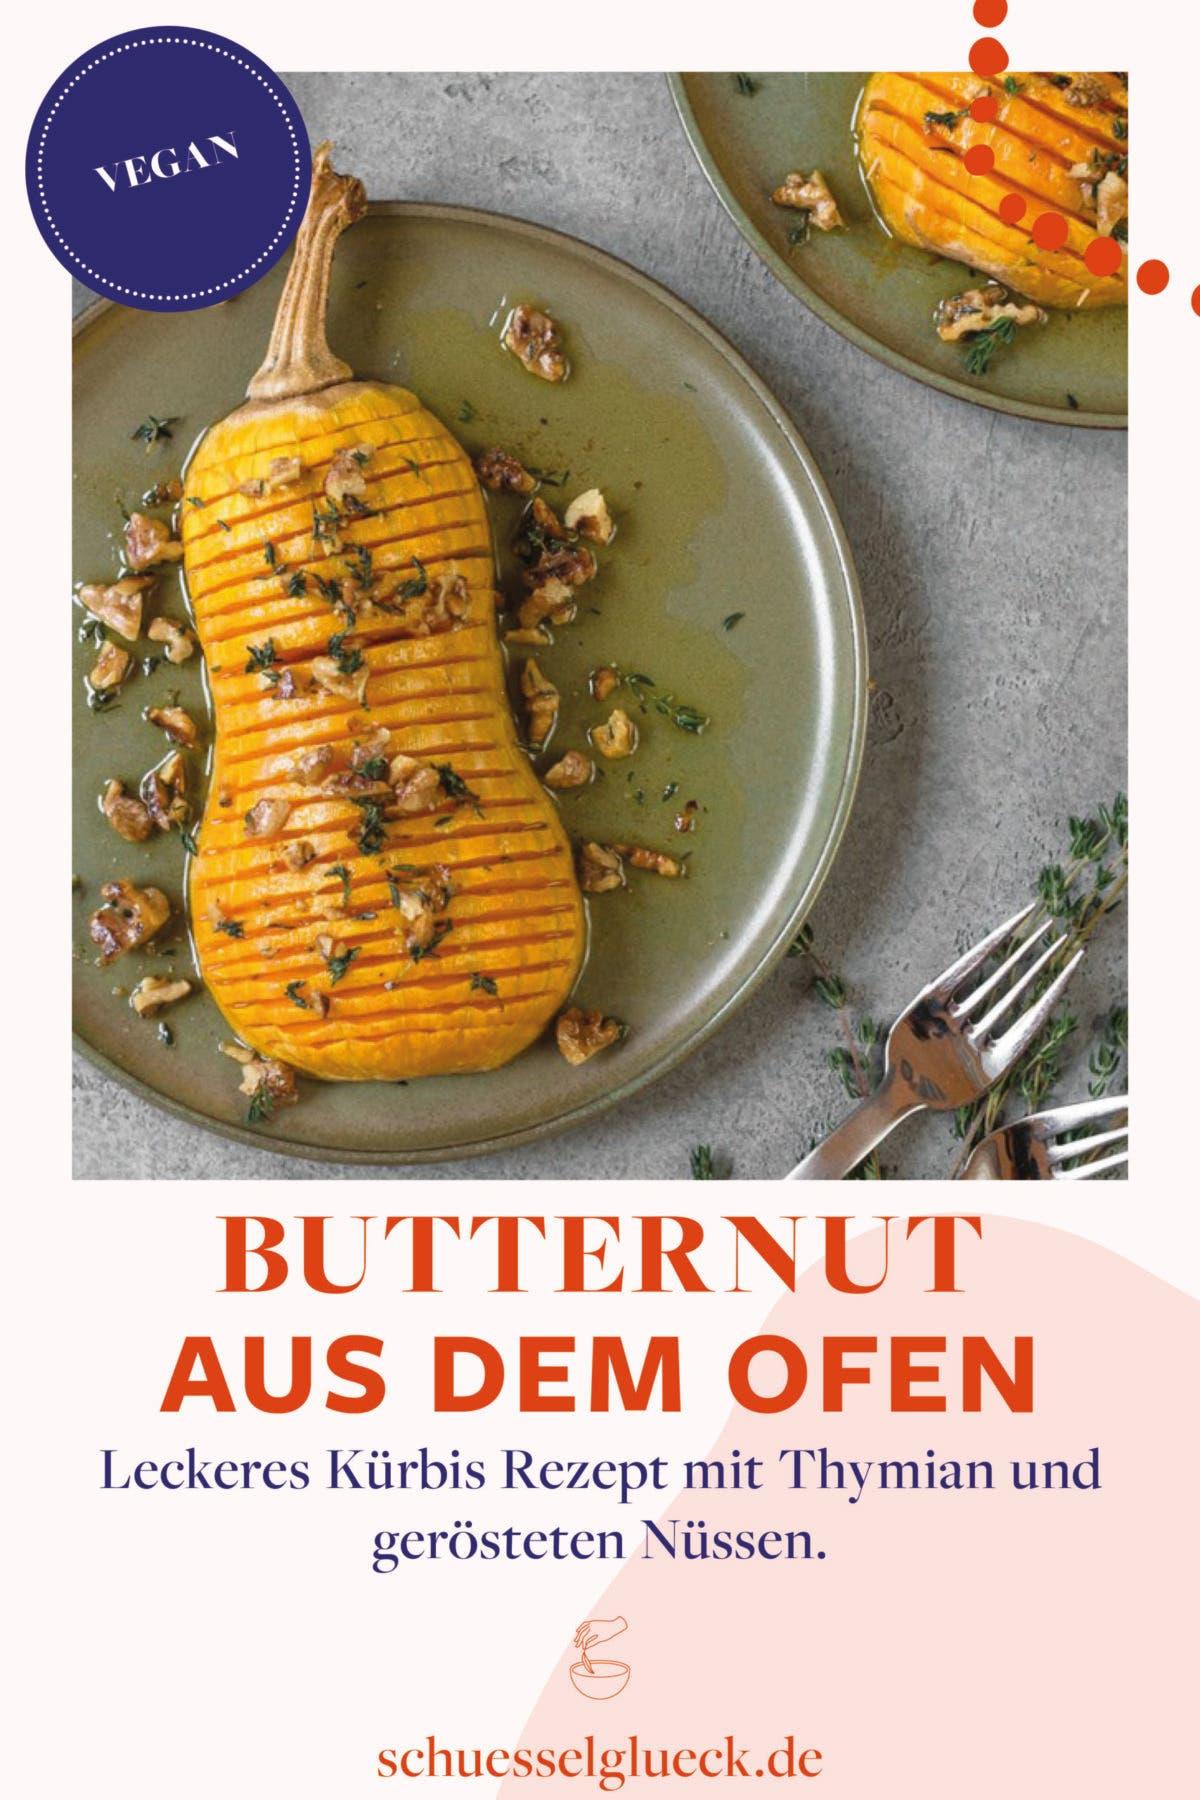 Butternut Kürbis aus dem Ofen mit Thymian und gerösteten Nüssen